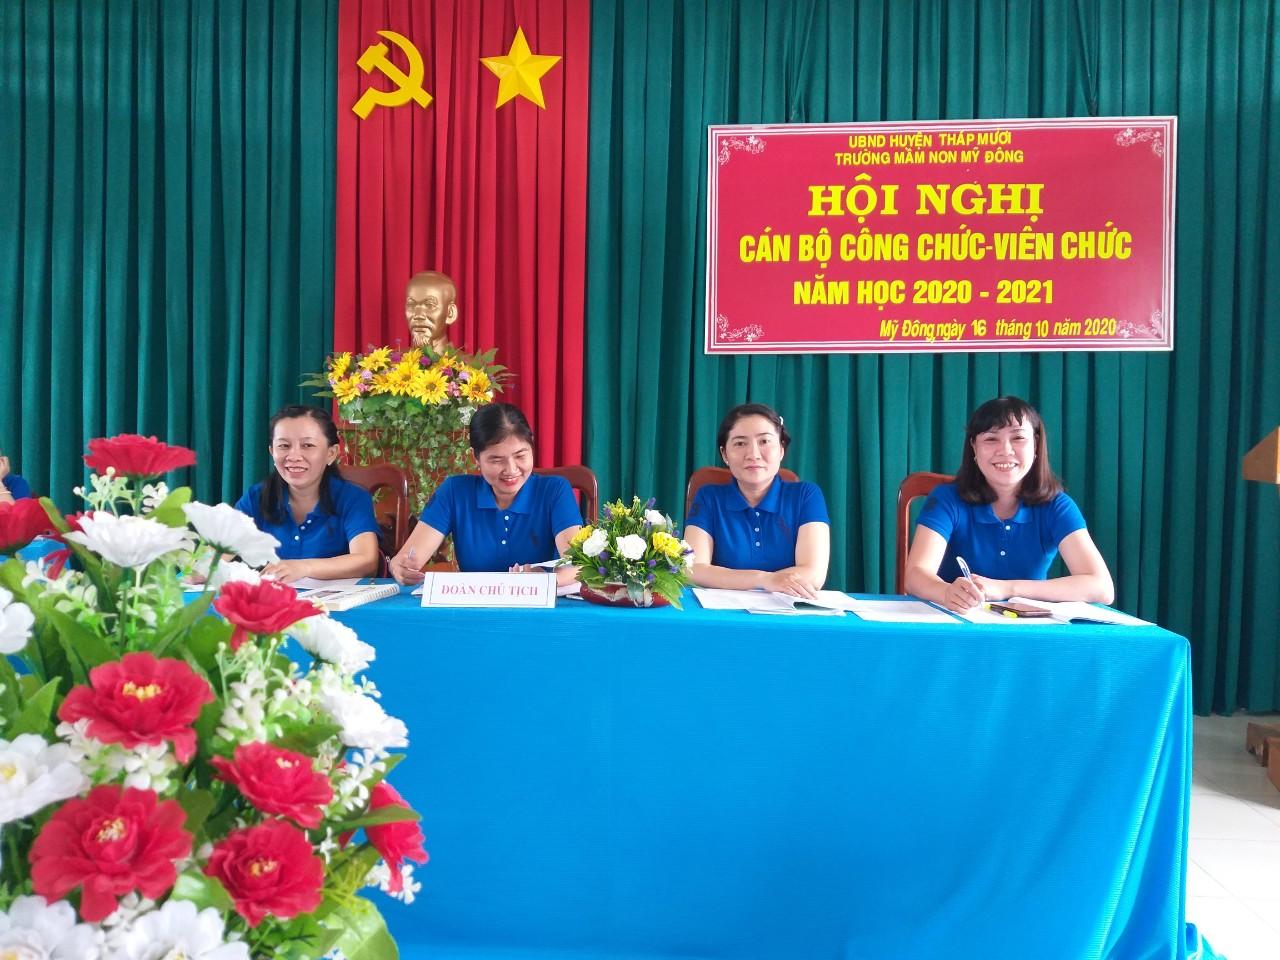 HOI NGHI 1